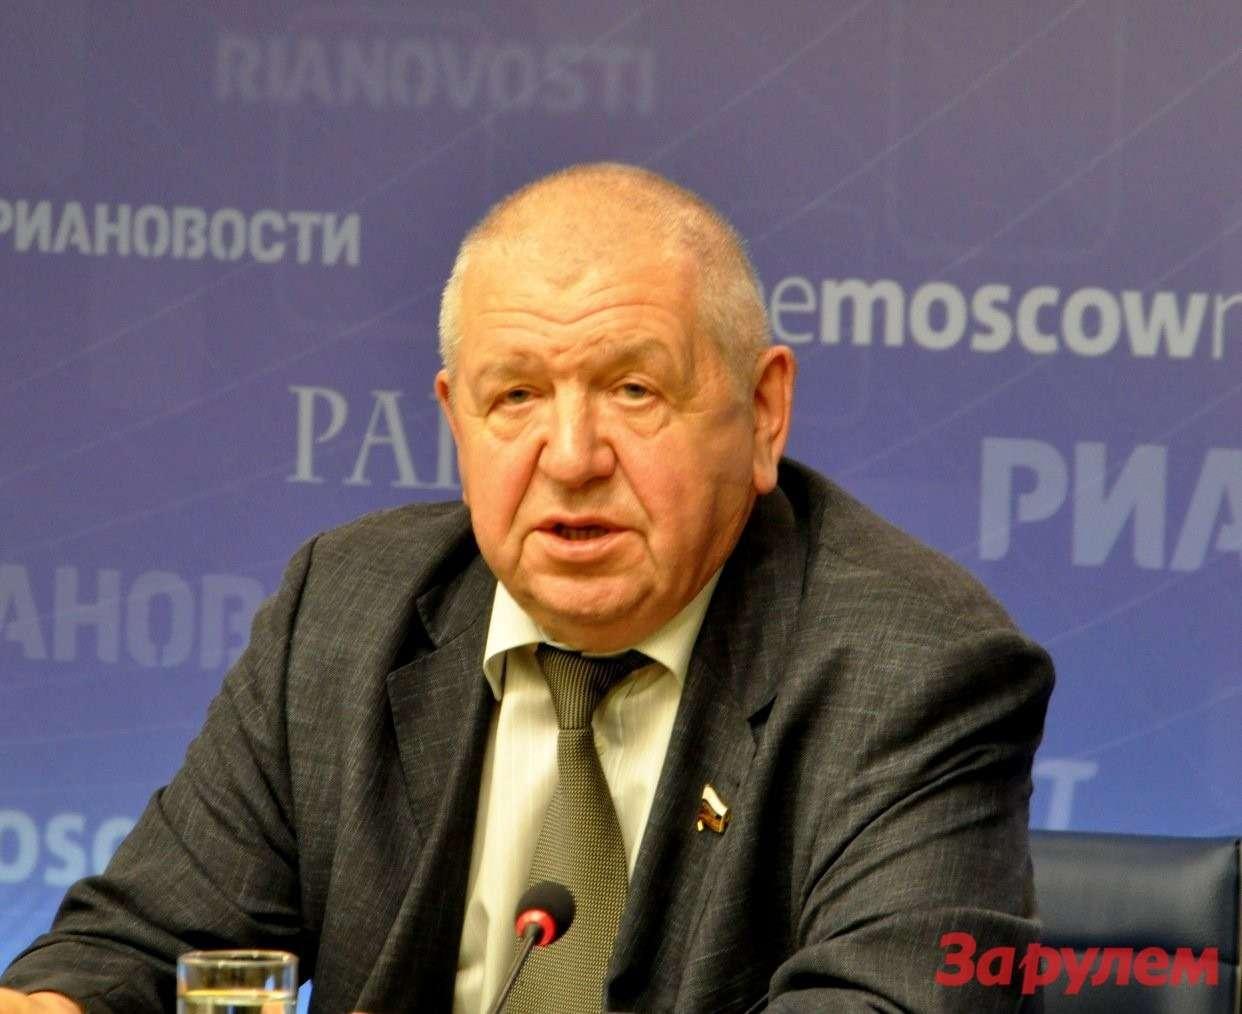 Генерал-лейтенант критикует генерал-полковника zr.ru